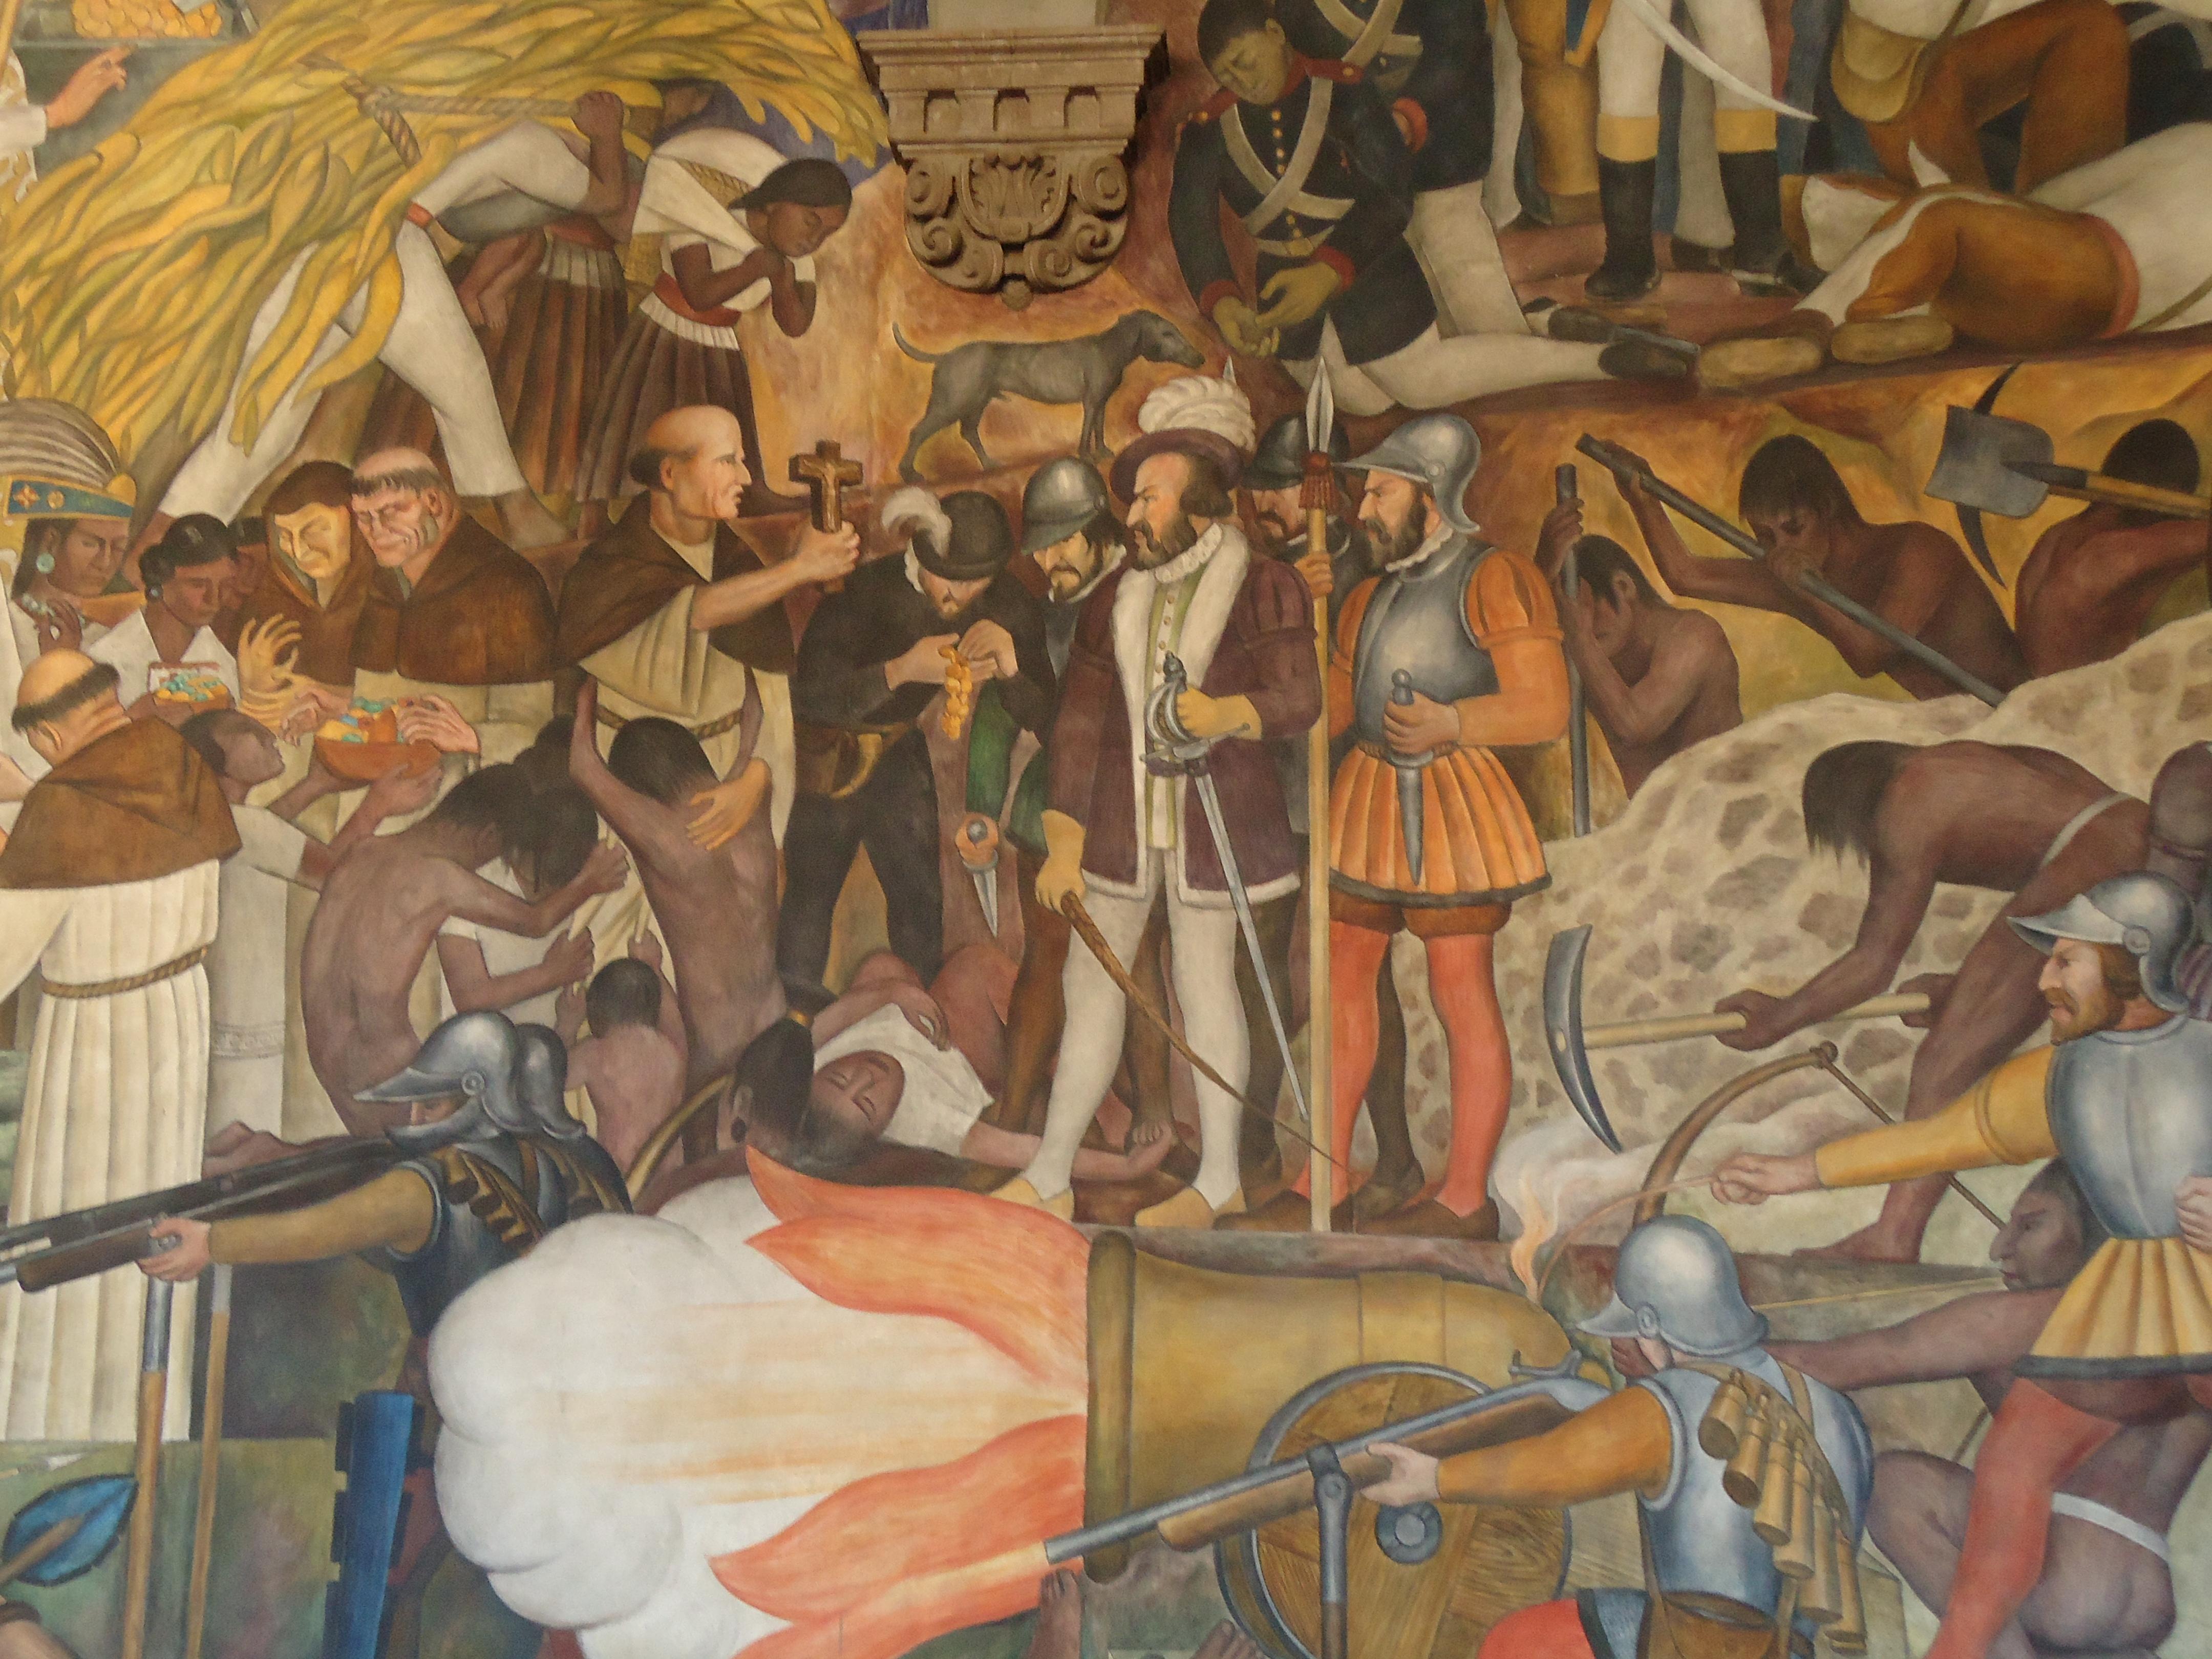 Rivera_Mural_Palacio_Nacional_Mexico_from_Conquer_to_Present_Detail_Canon